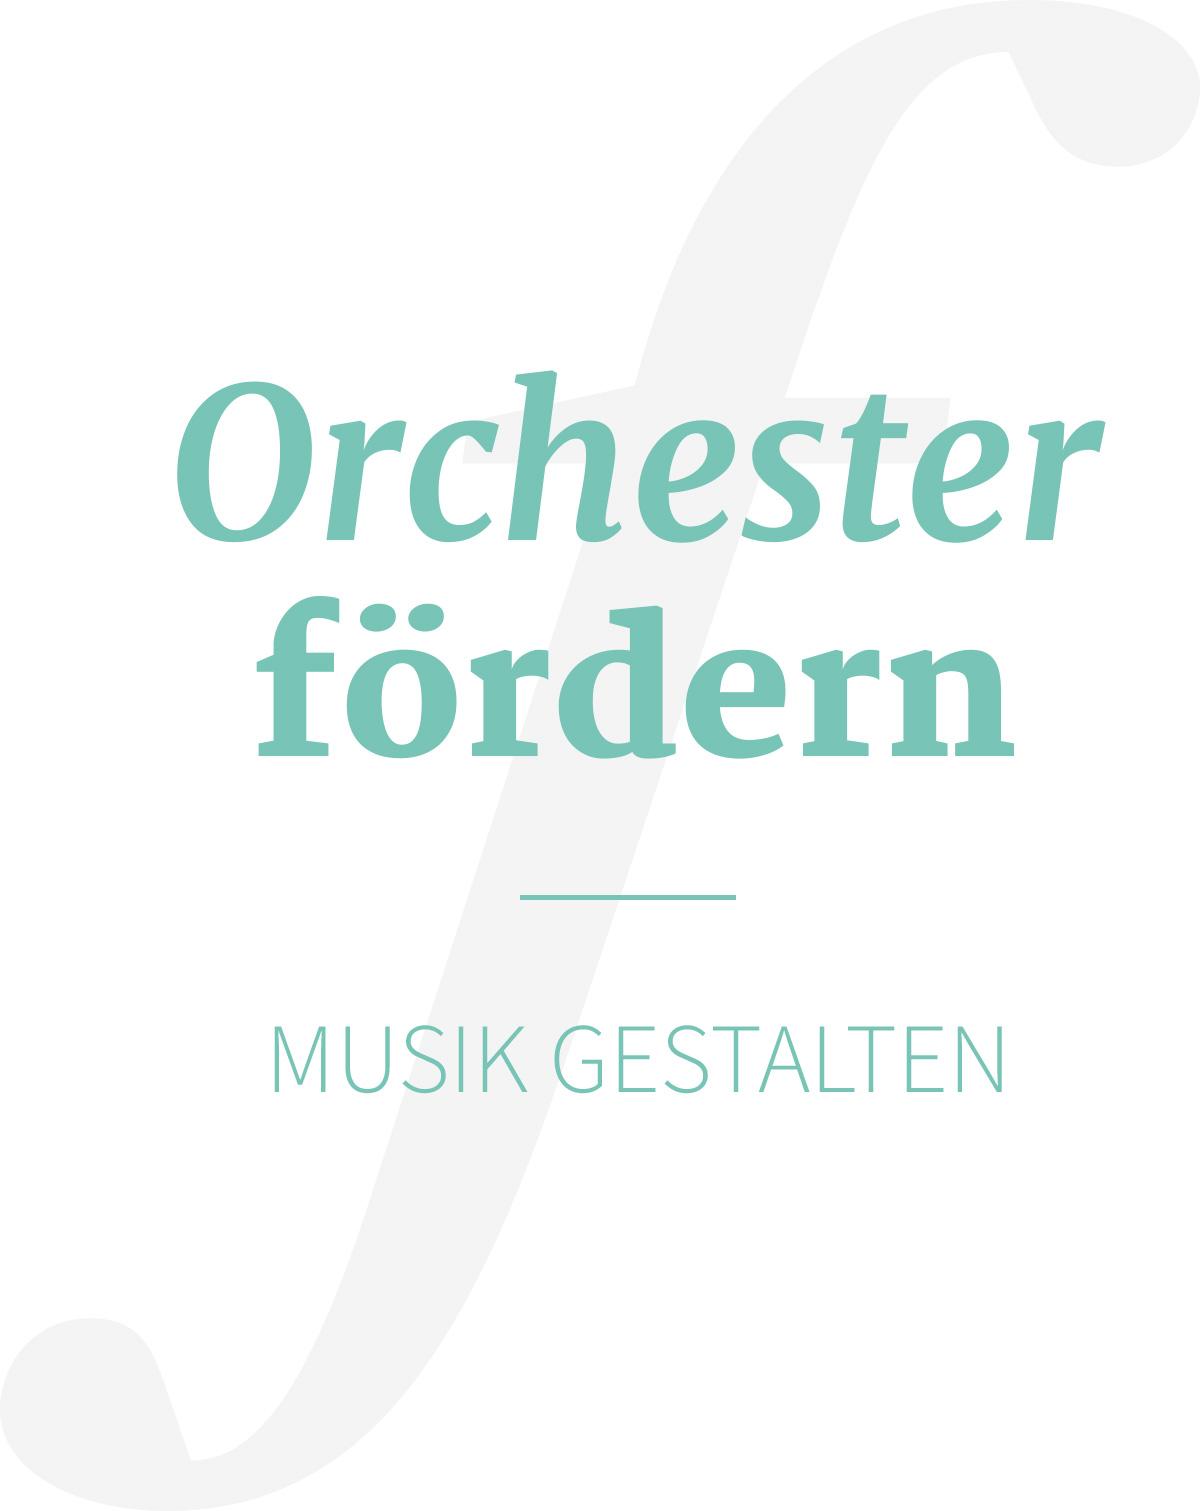 Foto Orchester fördern